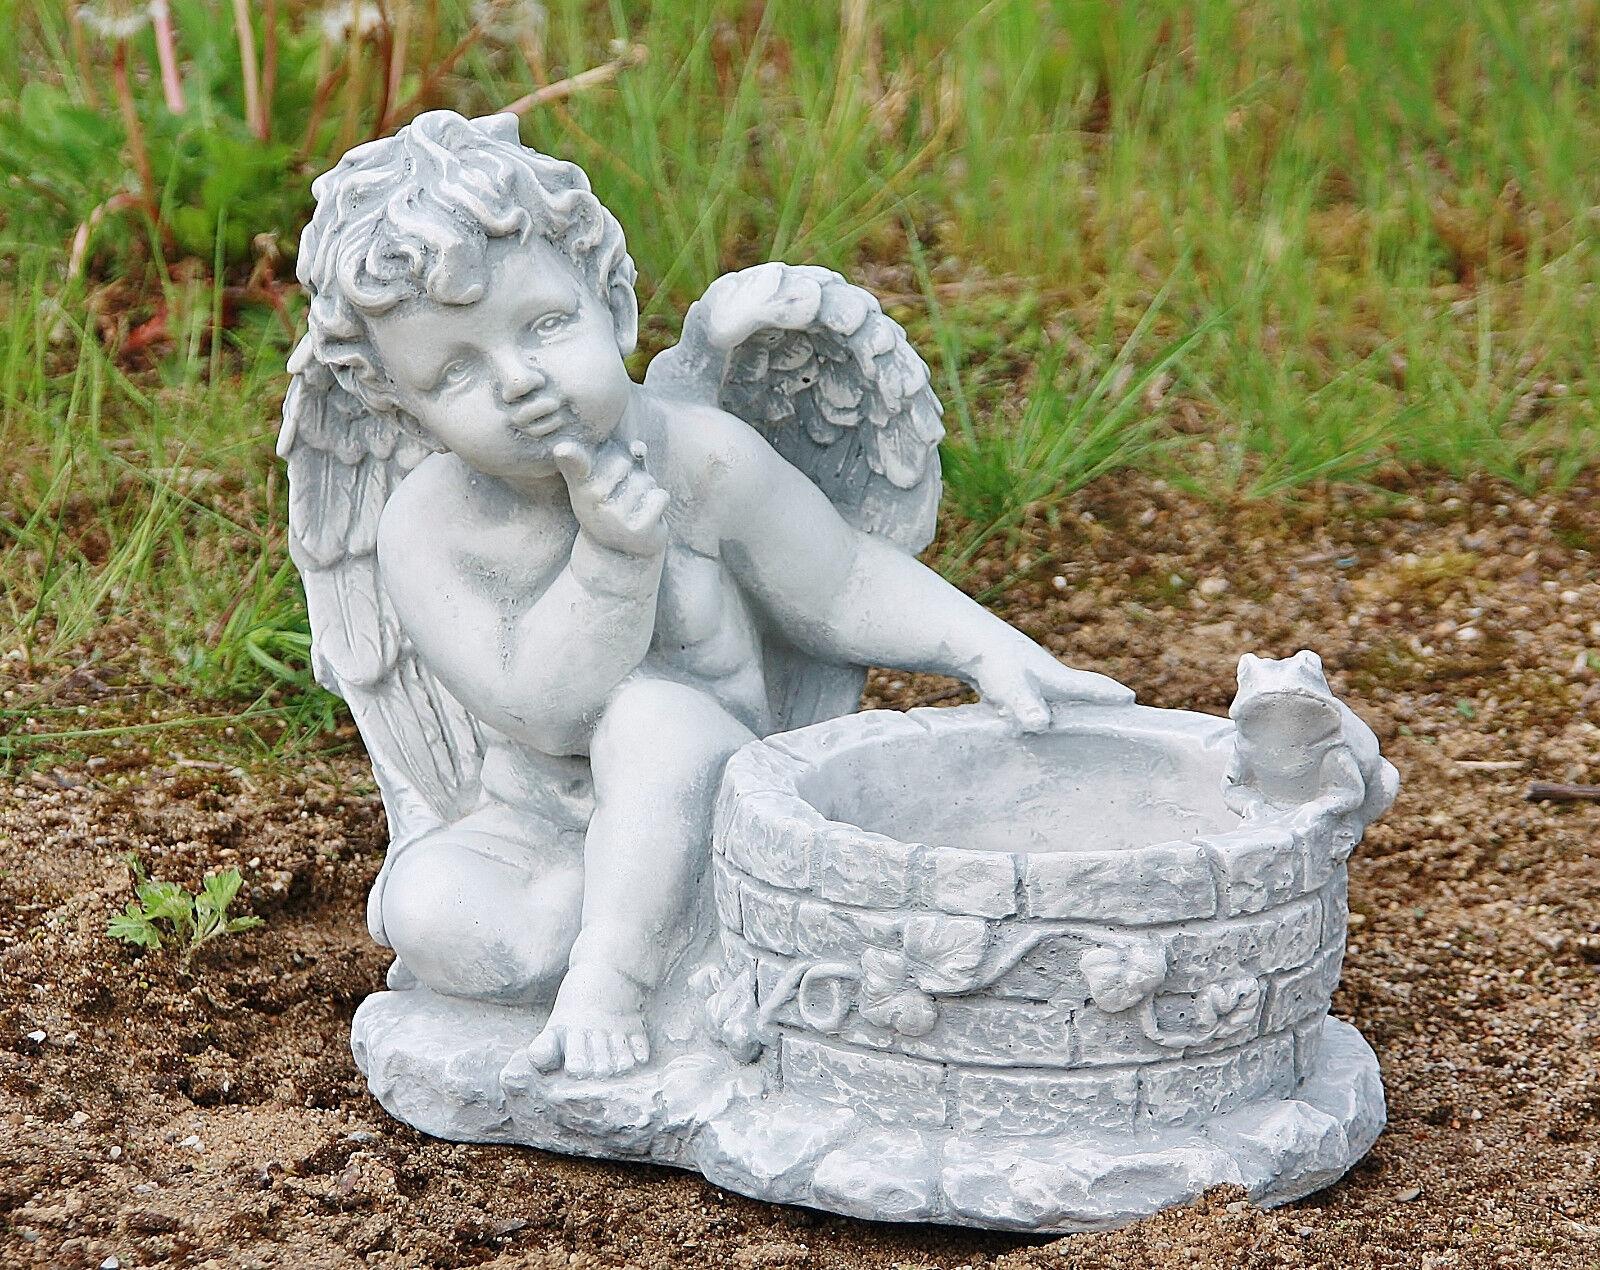 Fuente del Ángel ángel con la piedra de la rana casting Cocheácter de Festival de heladas las plantas PO-229